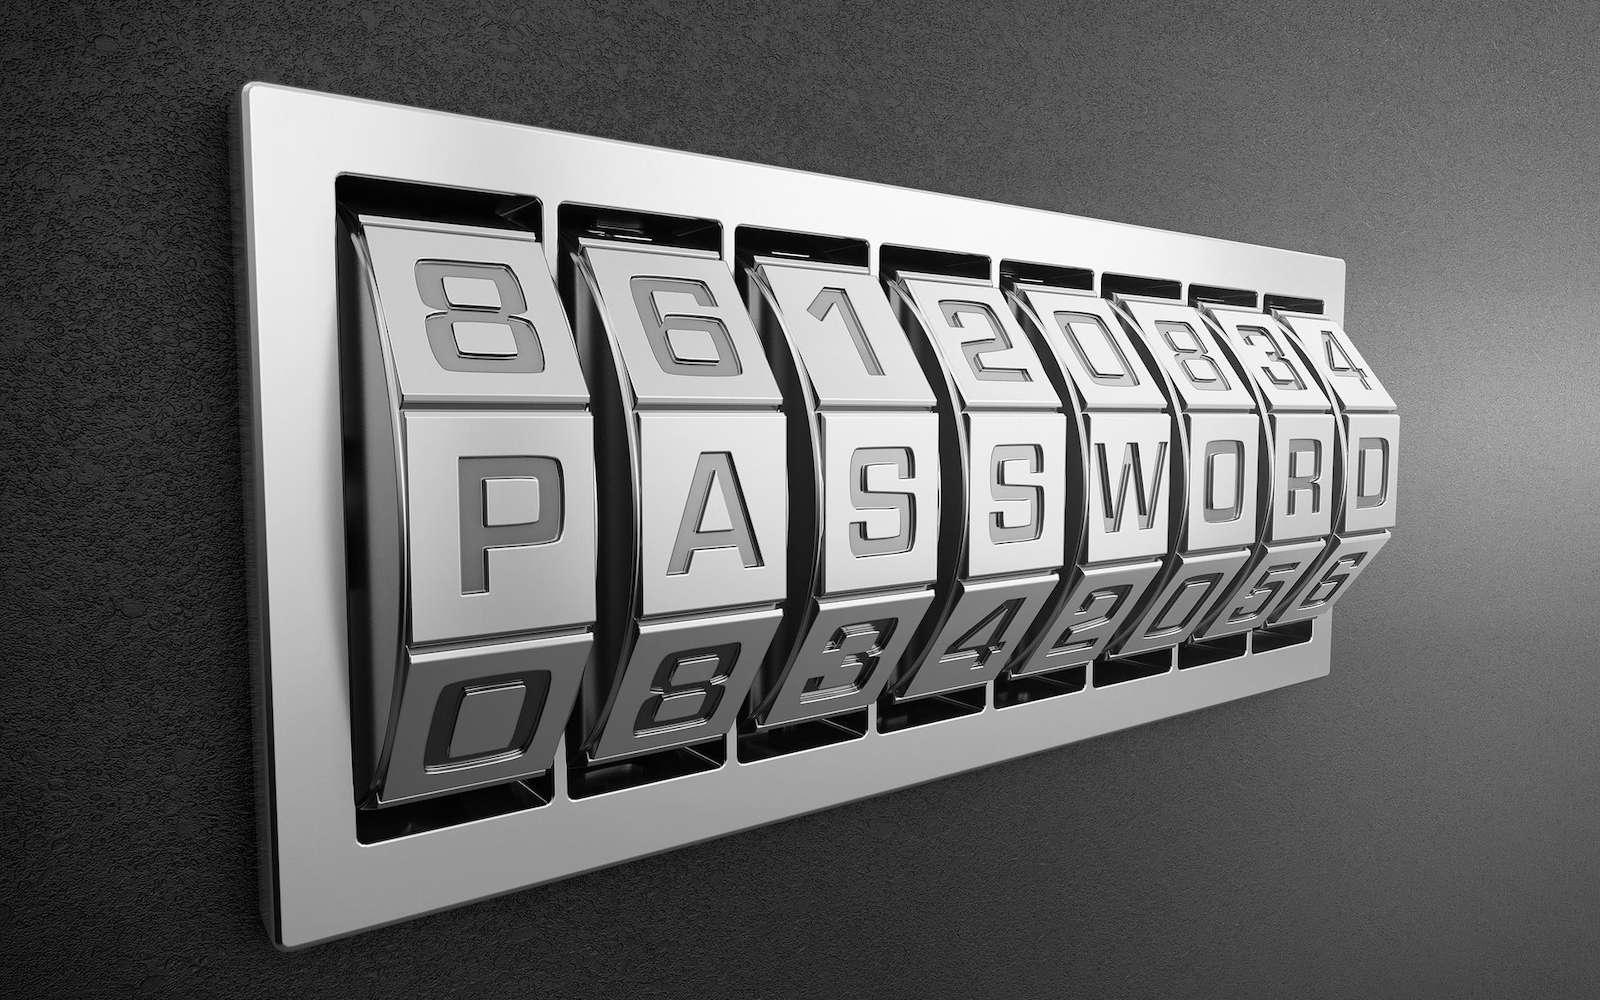 À l'avenir, la protection des données et de son ordinateur se fera sans mot de passe à retenir dans un calepin ou dans un fichier sur son ordinateur © Pixabay, AbsolutVision